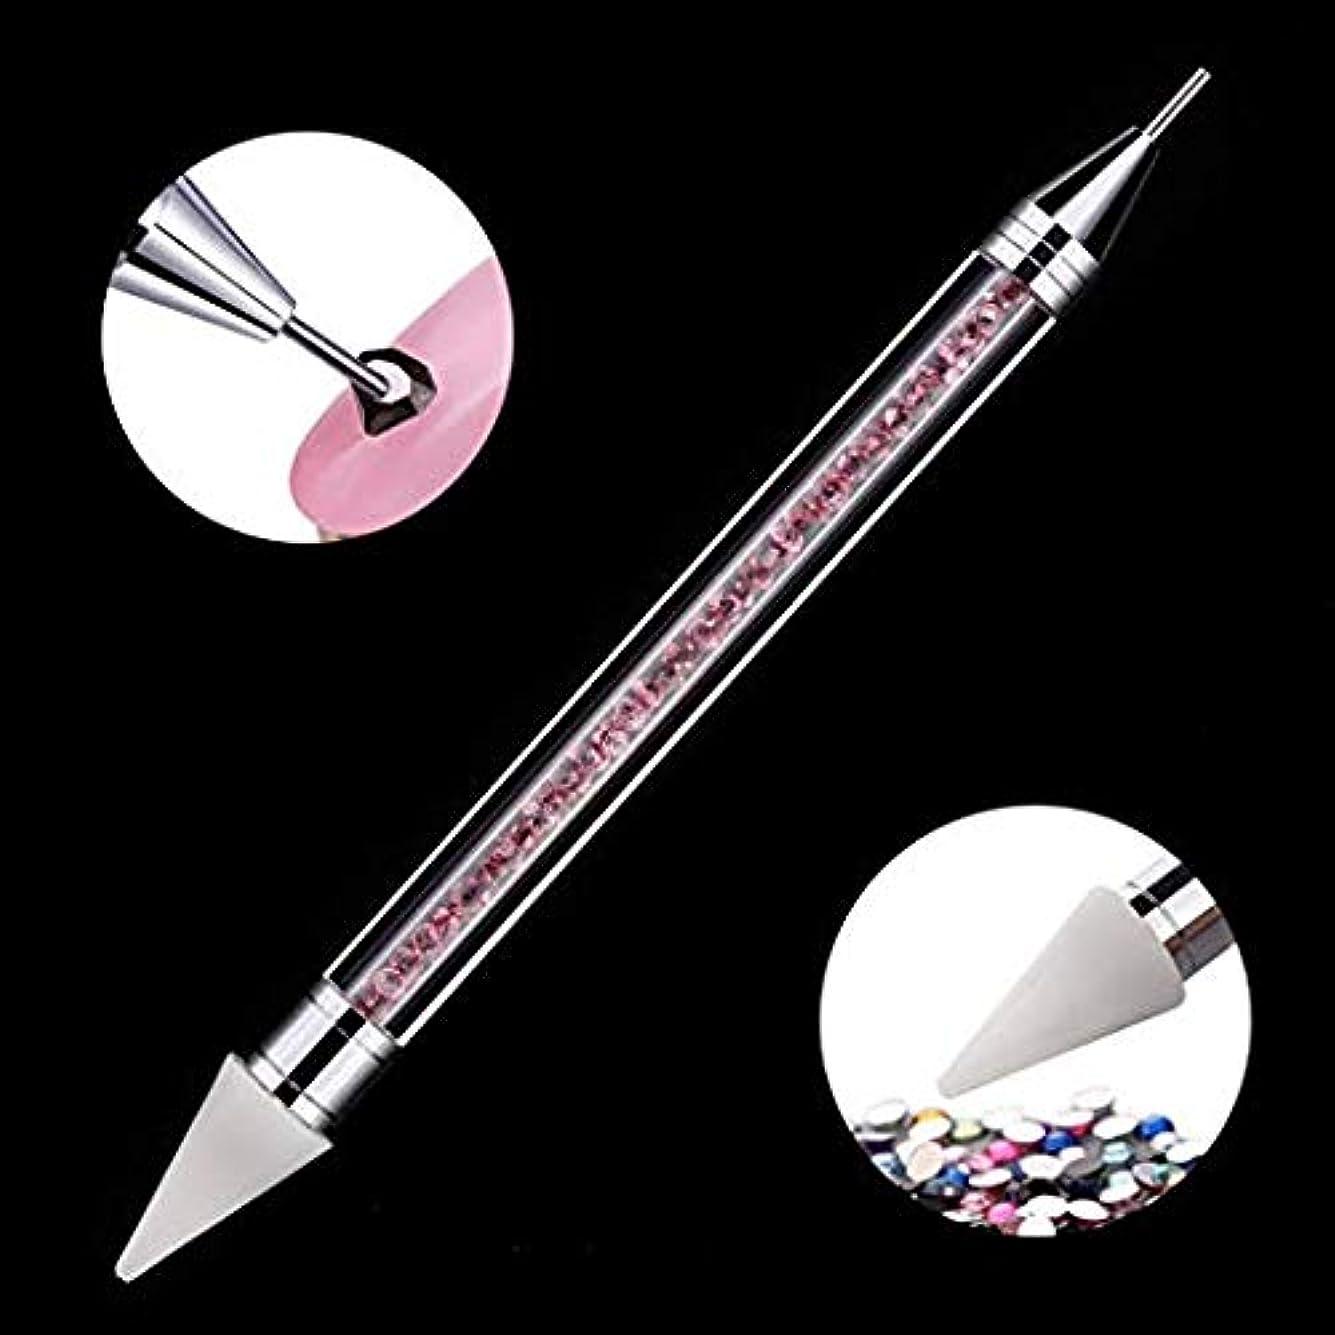 帝国主義肯定的ナットMakartt ネイルペン 掘削 ネイル点在ペン マニキュアツール ペン ラインストーン クリスタル ネイルアート (02)